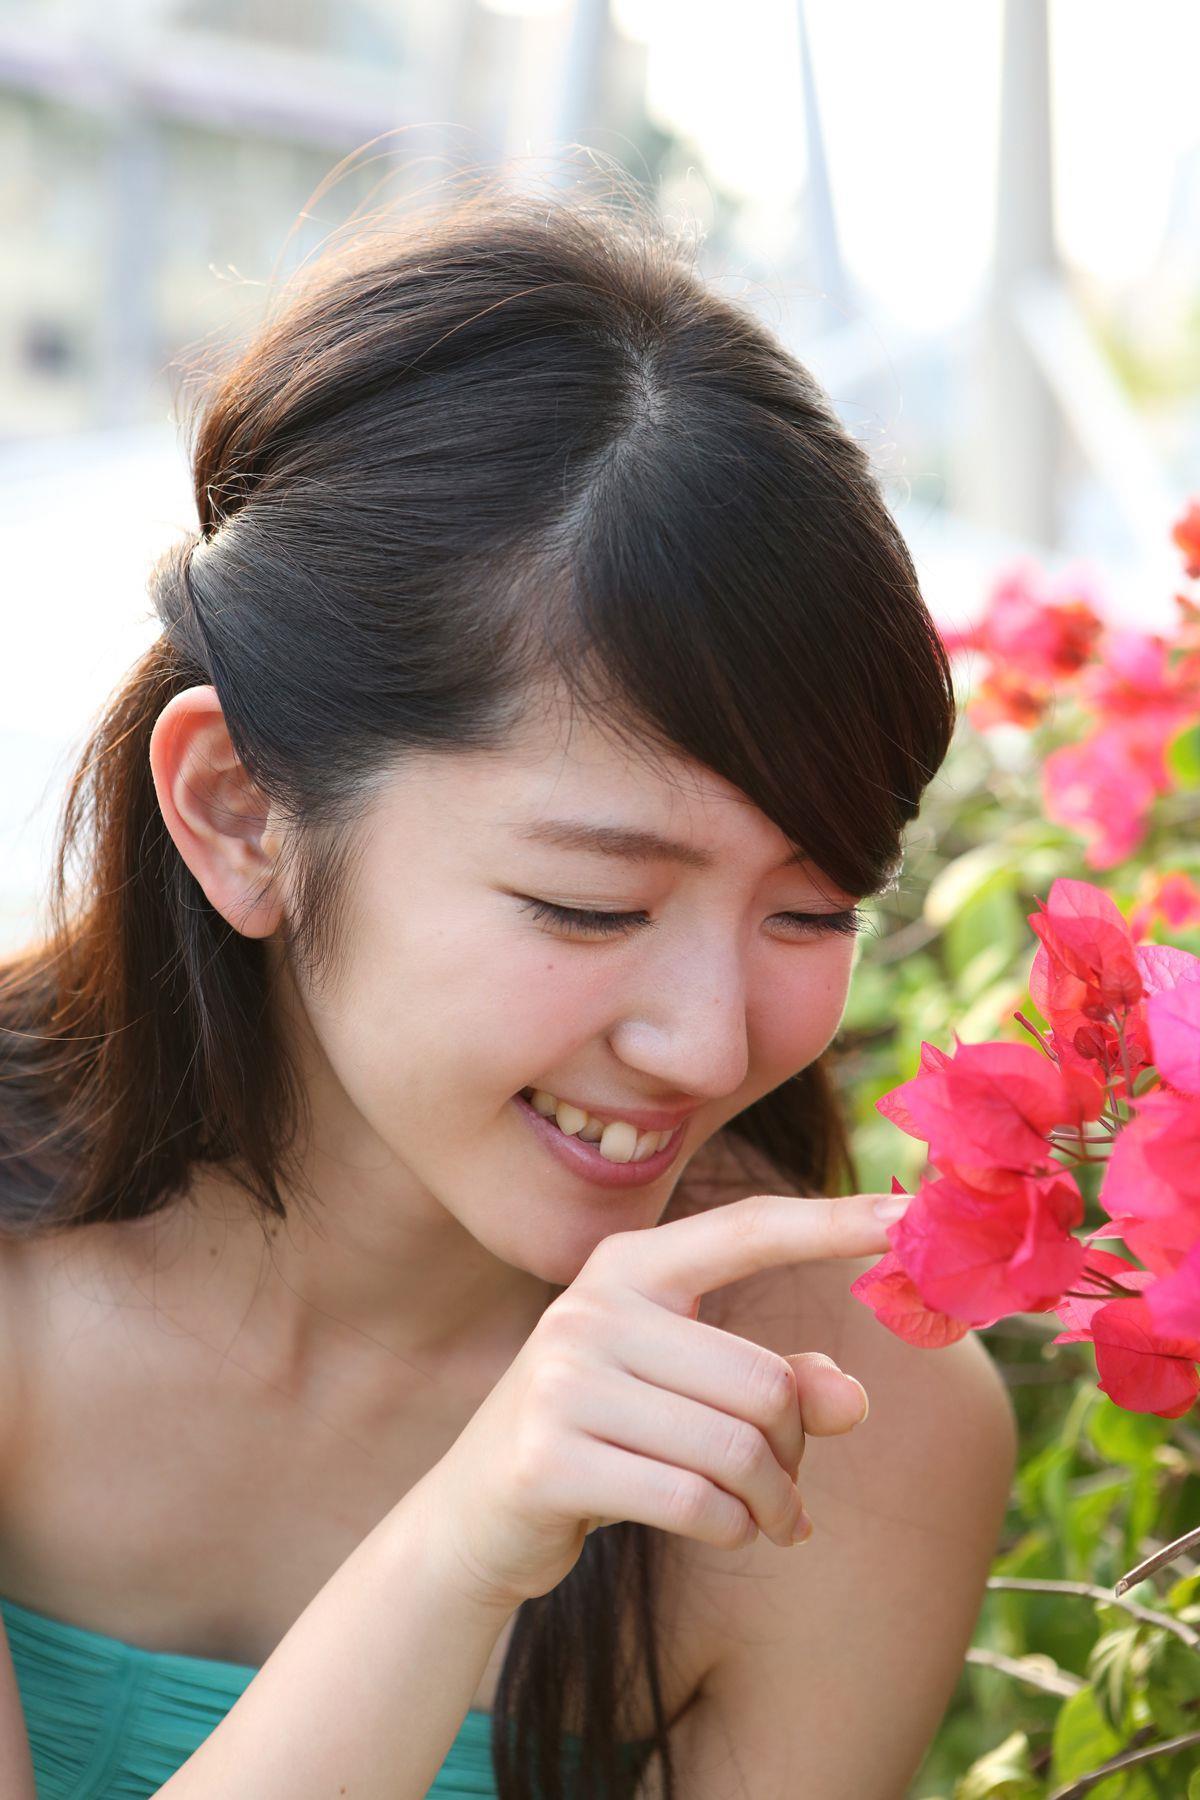 鈴木愛理(℃-ute) 画像 59